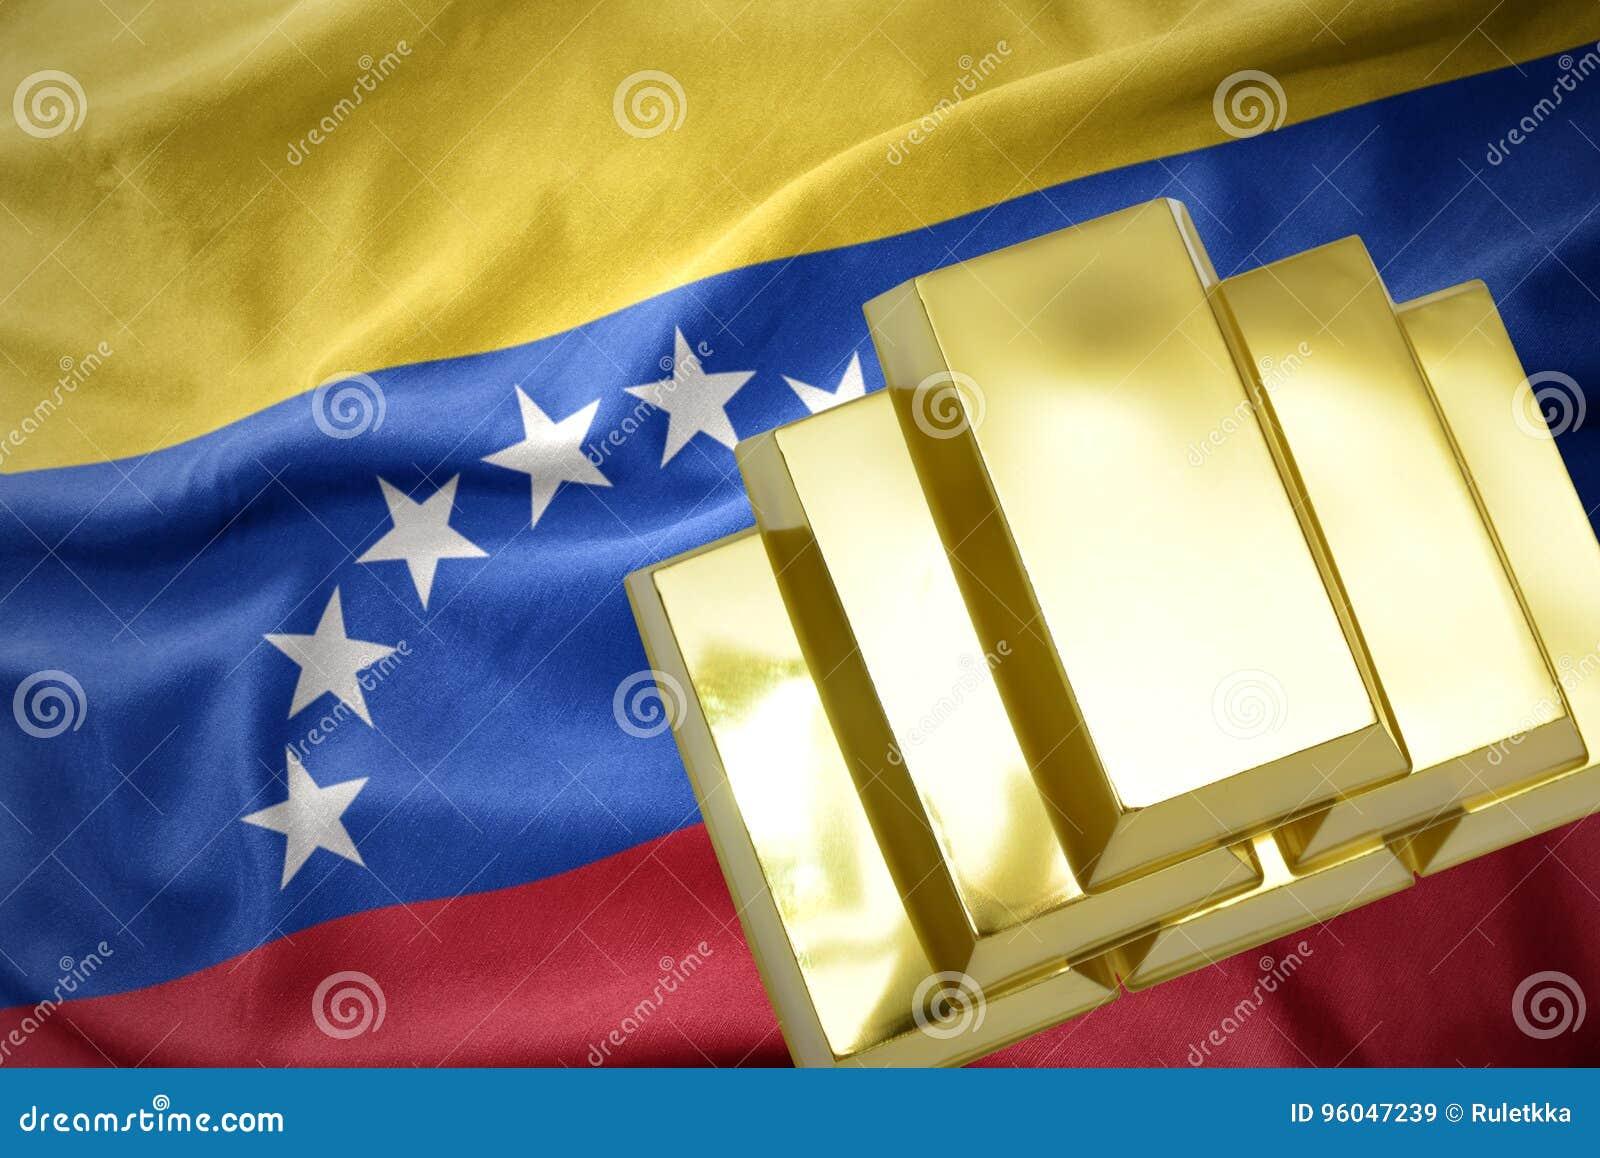 Shining golden bullions on the venezuela flag